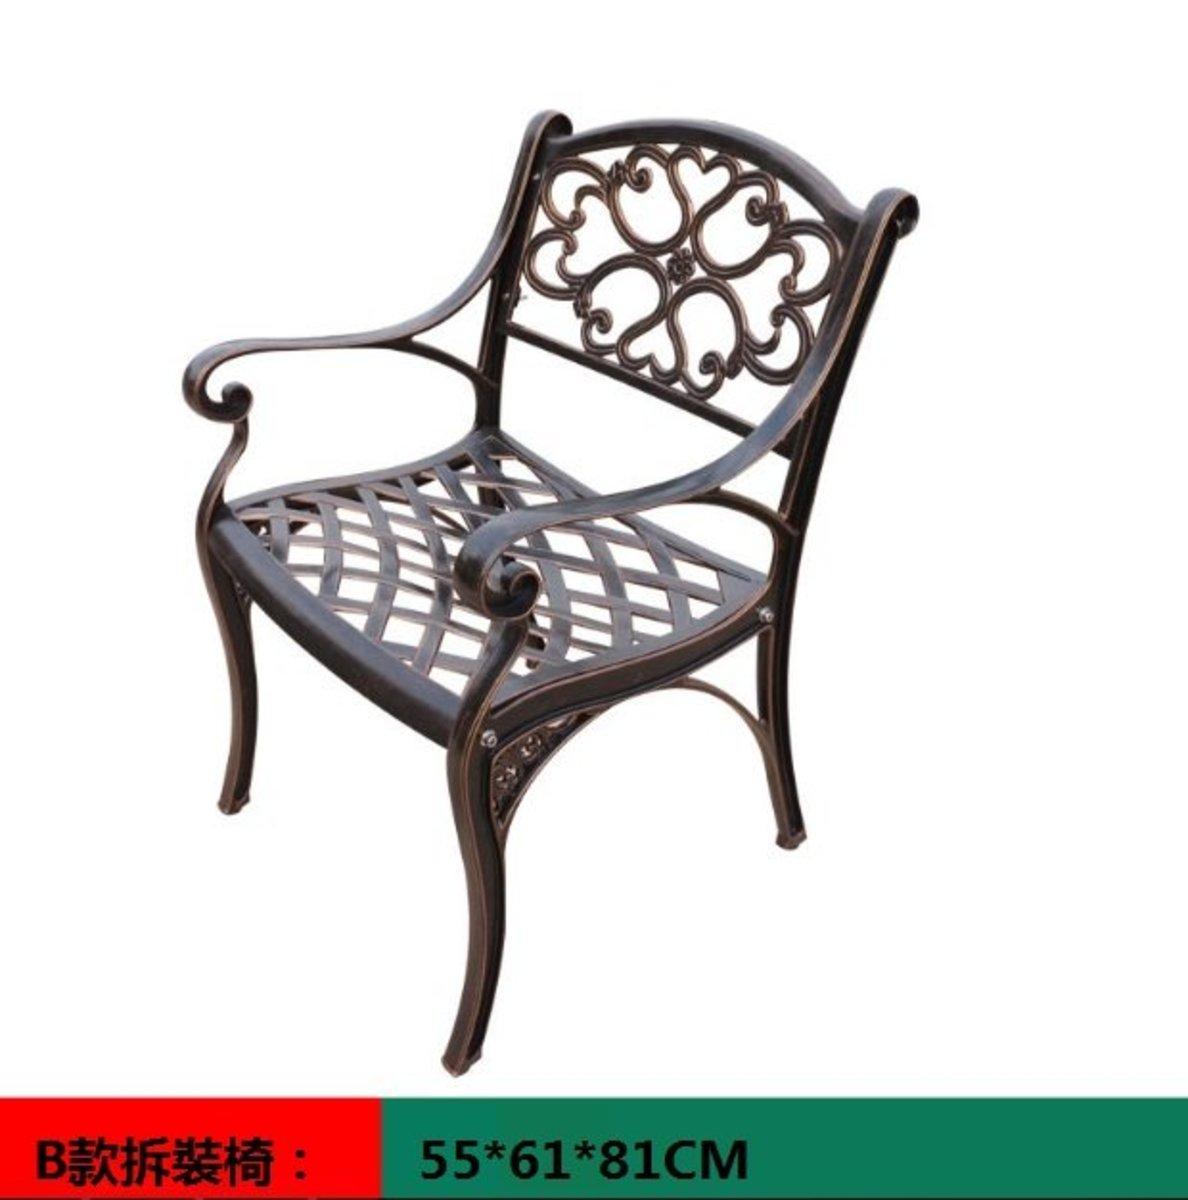 室外咖啡廳歐式餐桌椅(B款拆裝椅:55*61*81CM)